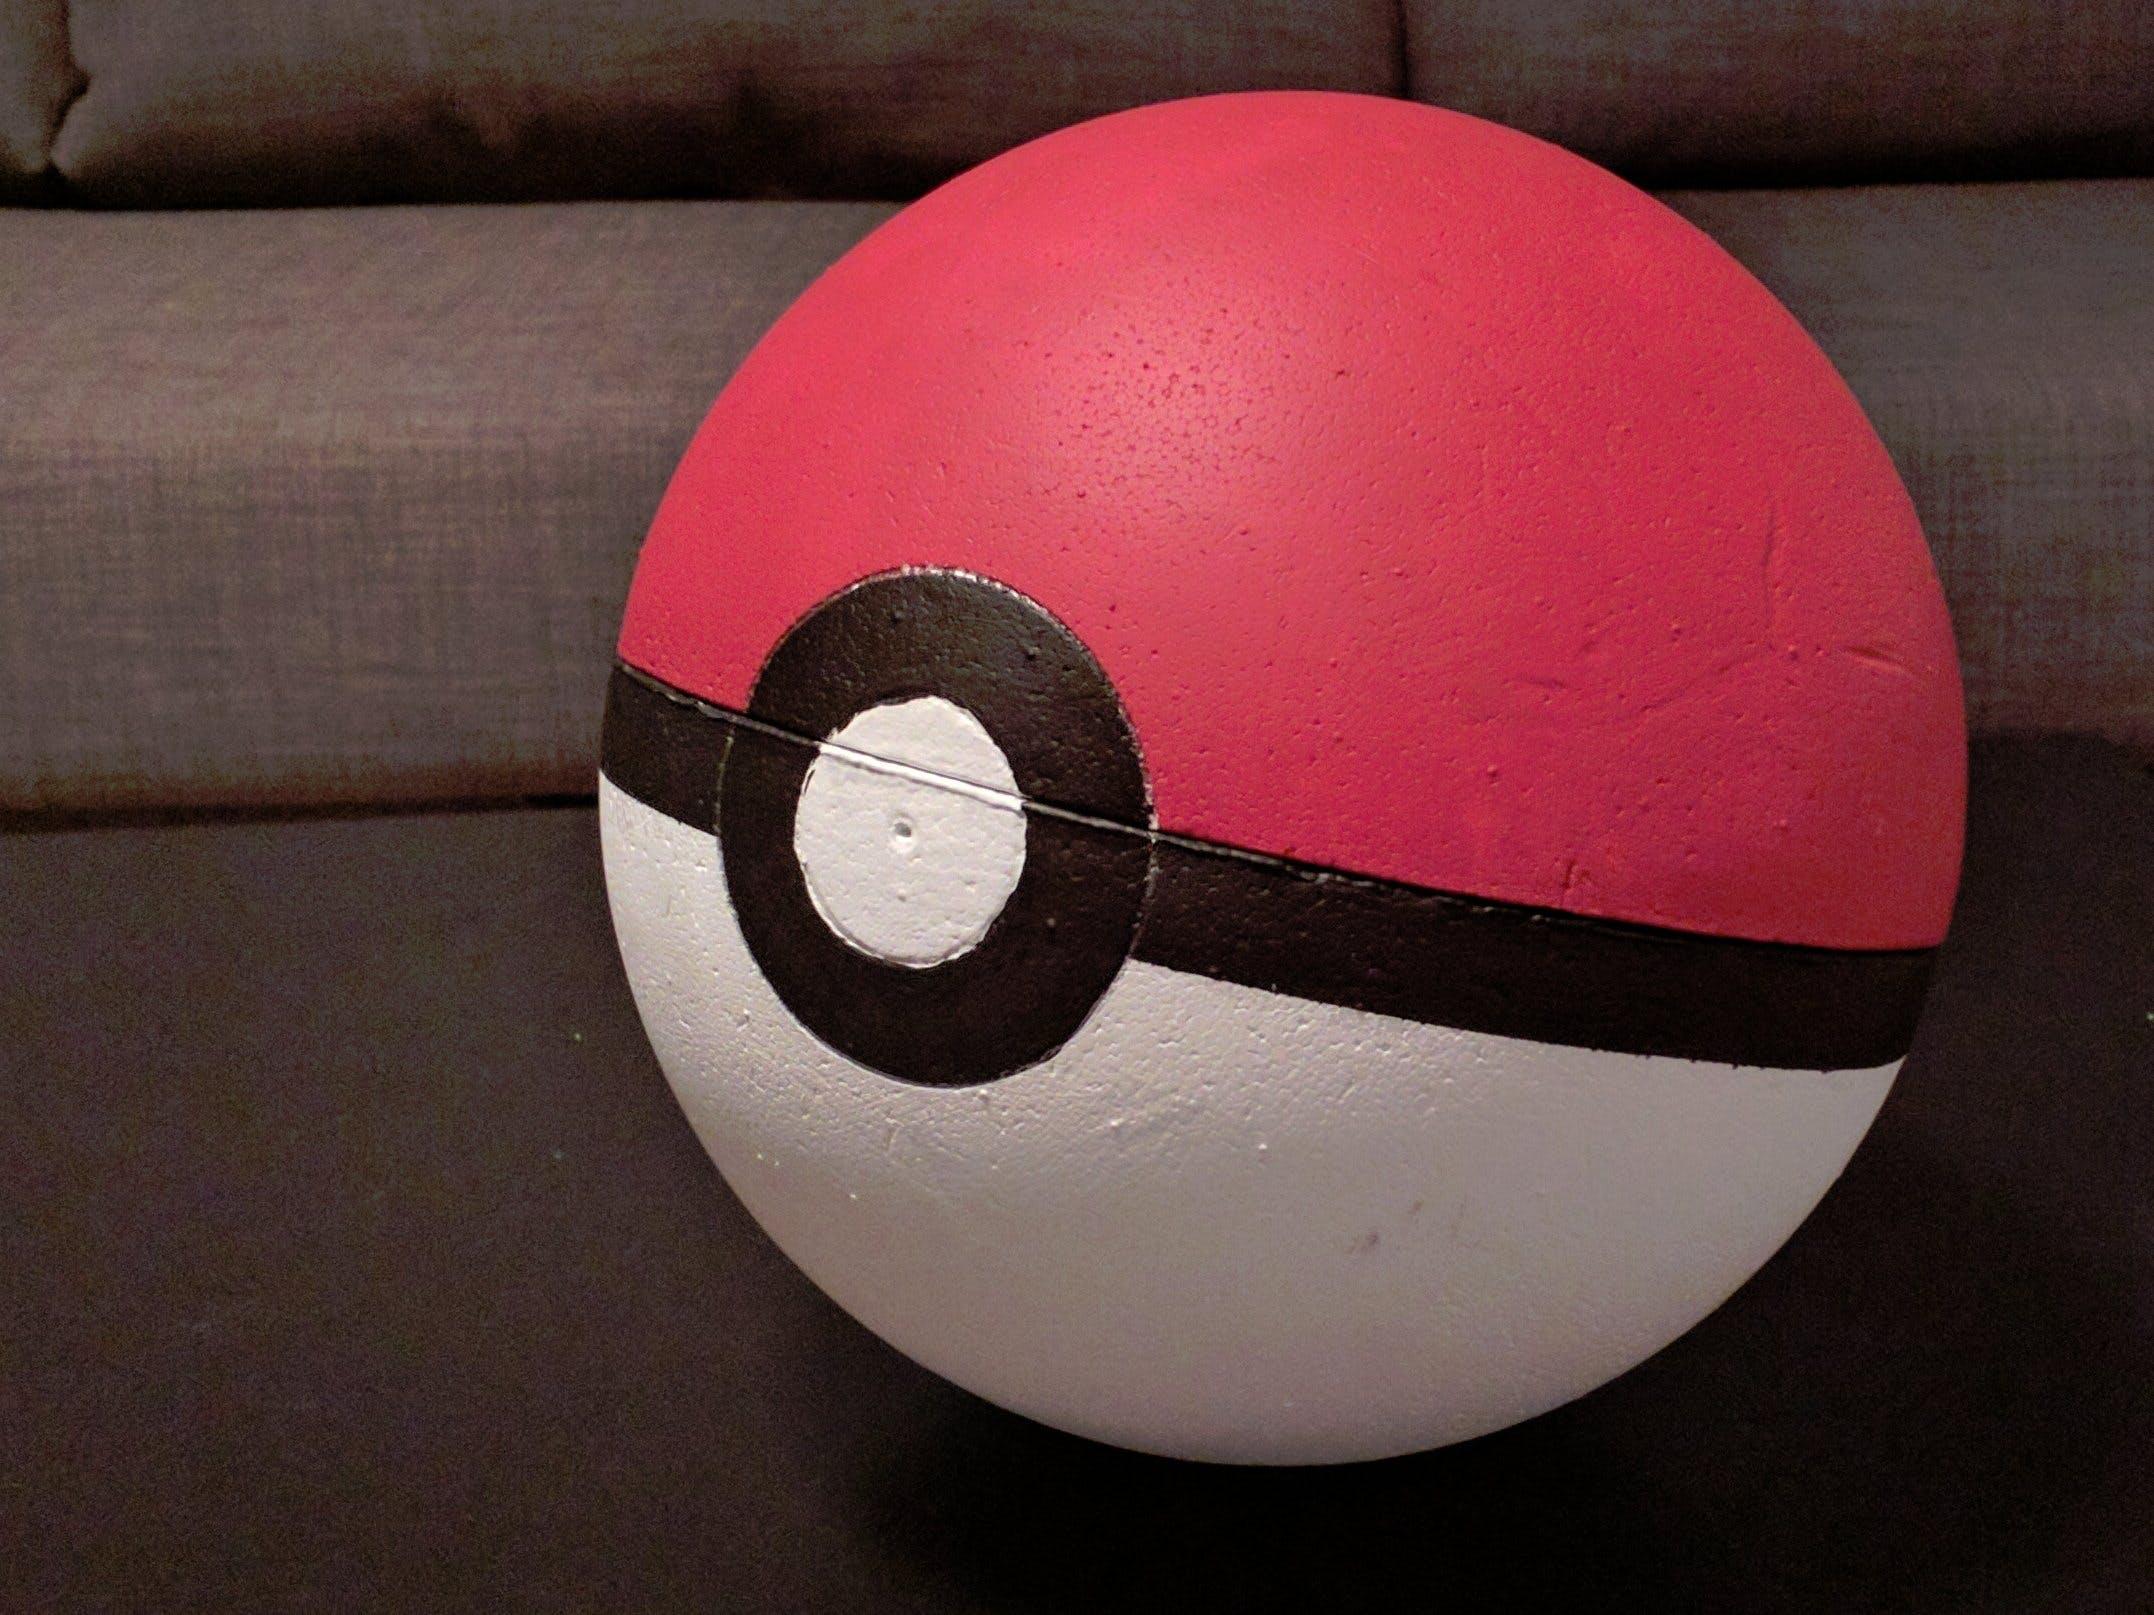 Pokémon detecting Pokéball